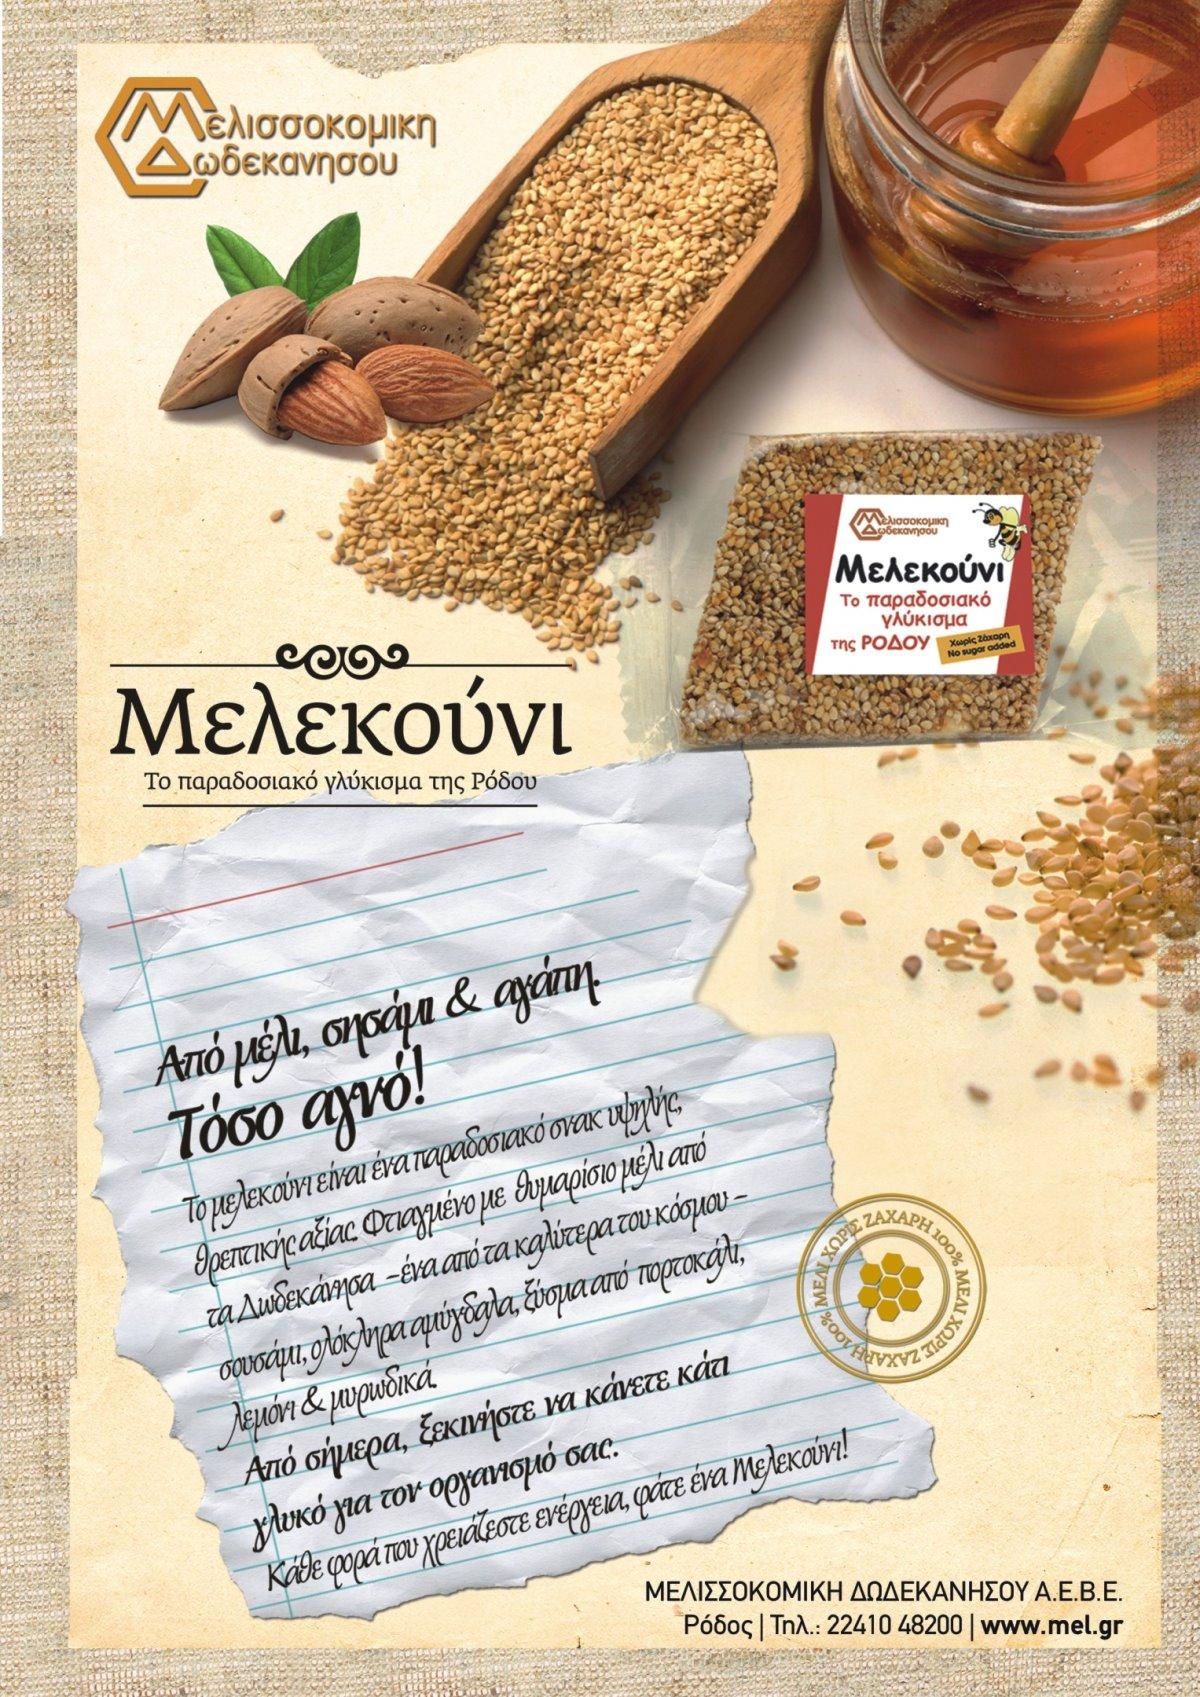 Μακέτα για το Μελεκούνι, το παραδοσιακό γλύκισμα της Ρόδου